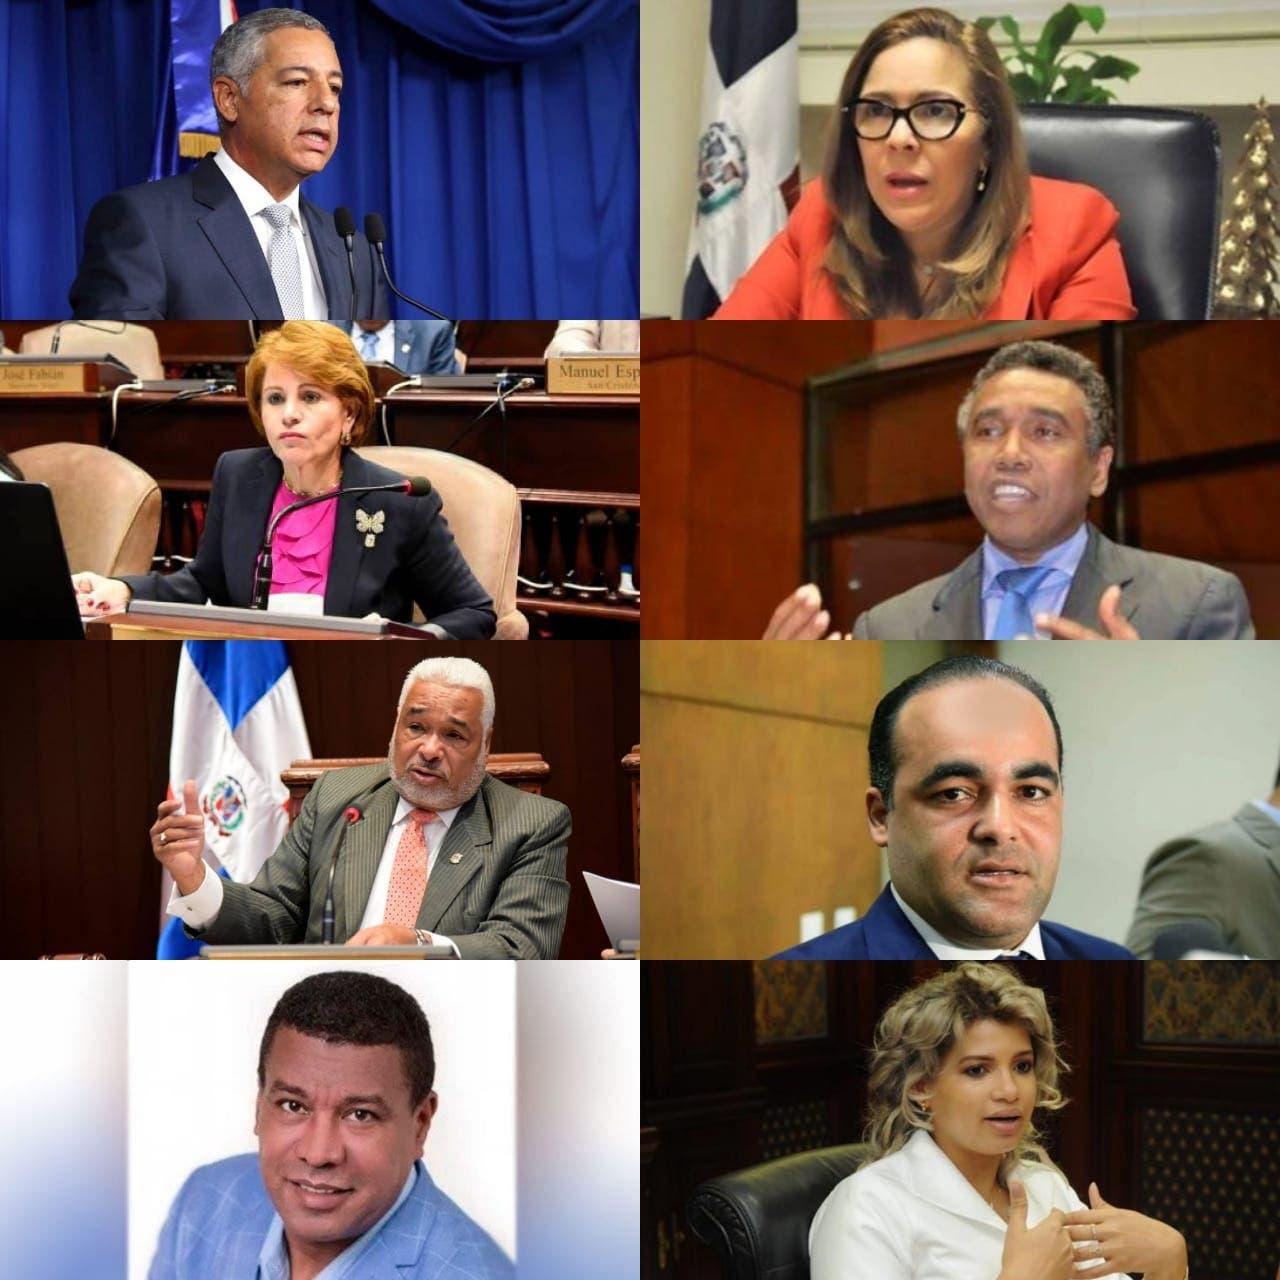 Los exfuncionarios que han sido interrogados por sus declaraciones juradas de bienes